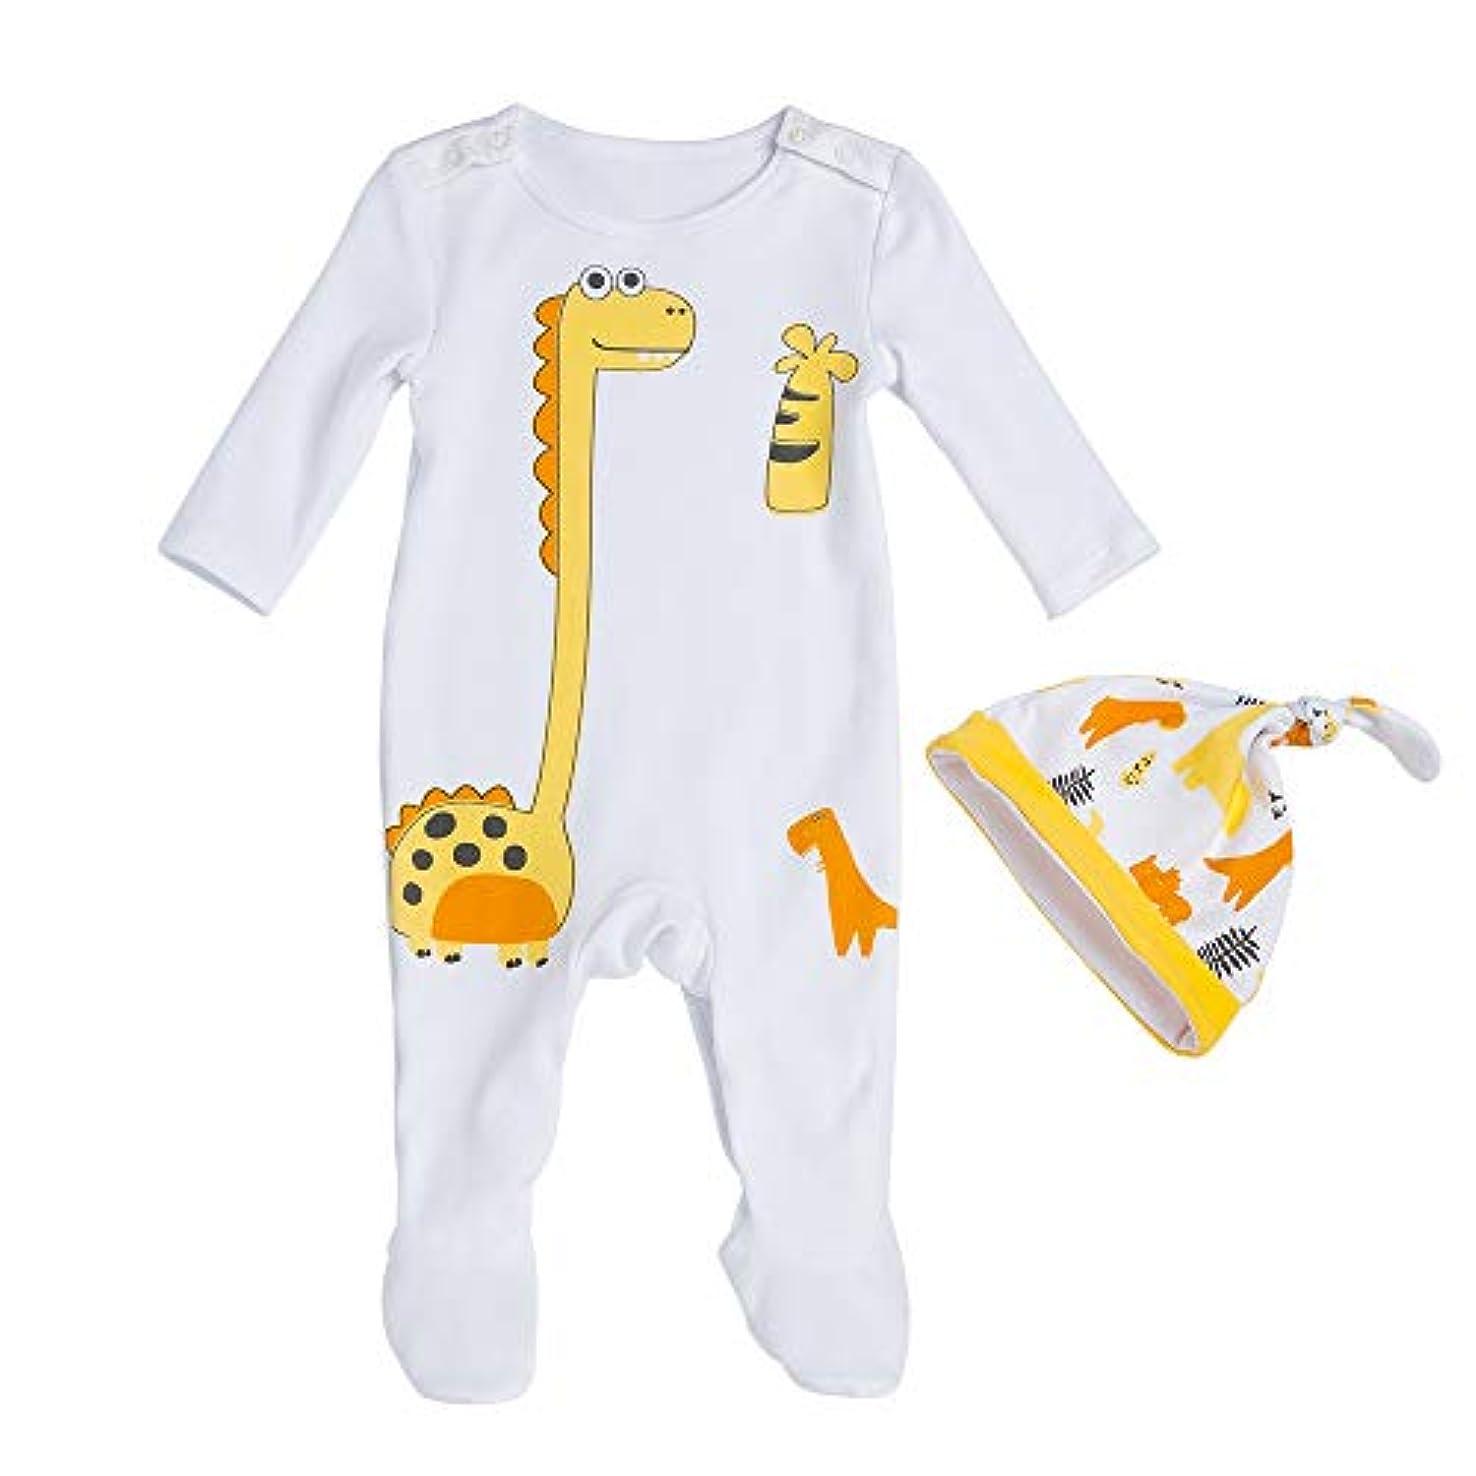 彼女は最初は観察するLiyukee - 赤ちゃん暖かいロンパー、帽子、ジャンプスーツの服下着セット秋の服ホームコスチューム0-24ヶ月に適して新生児の幼児少女 (3-6M)